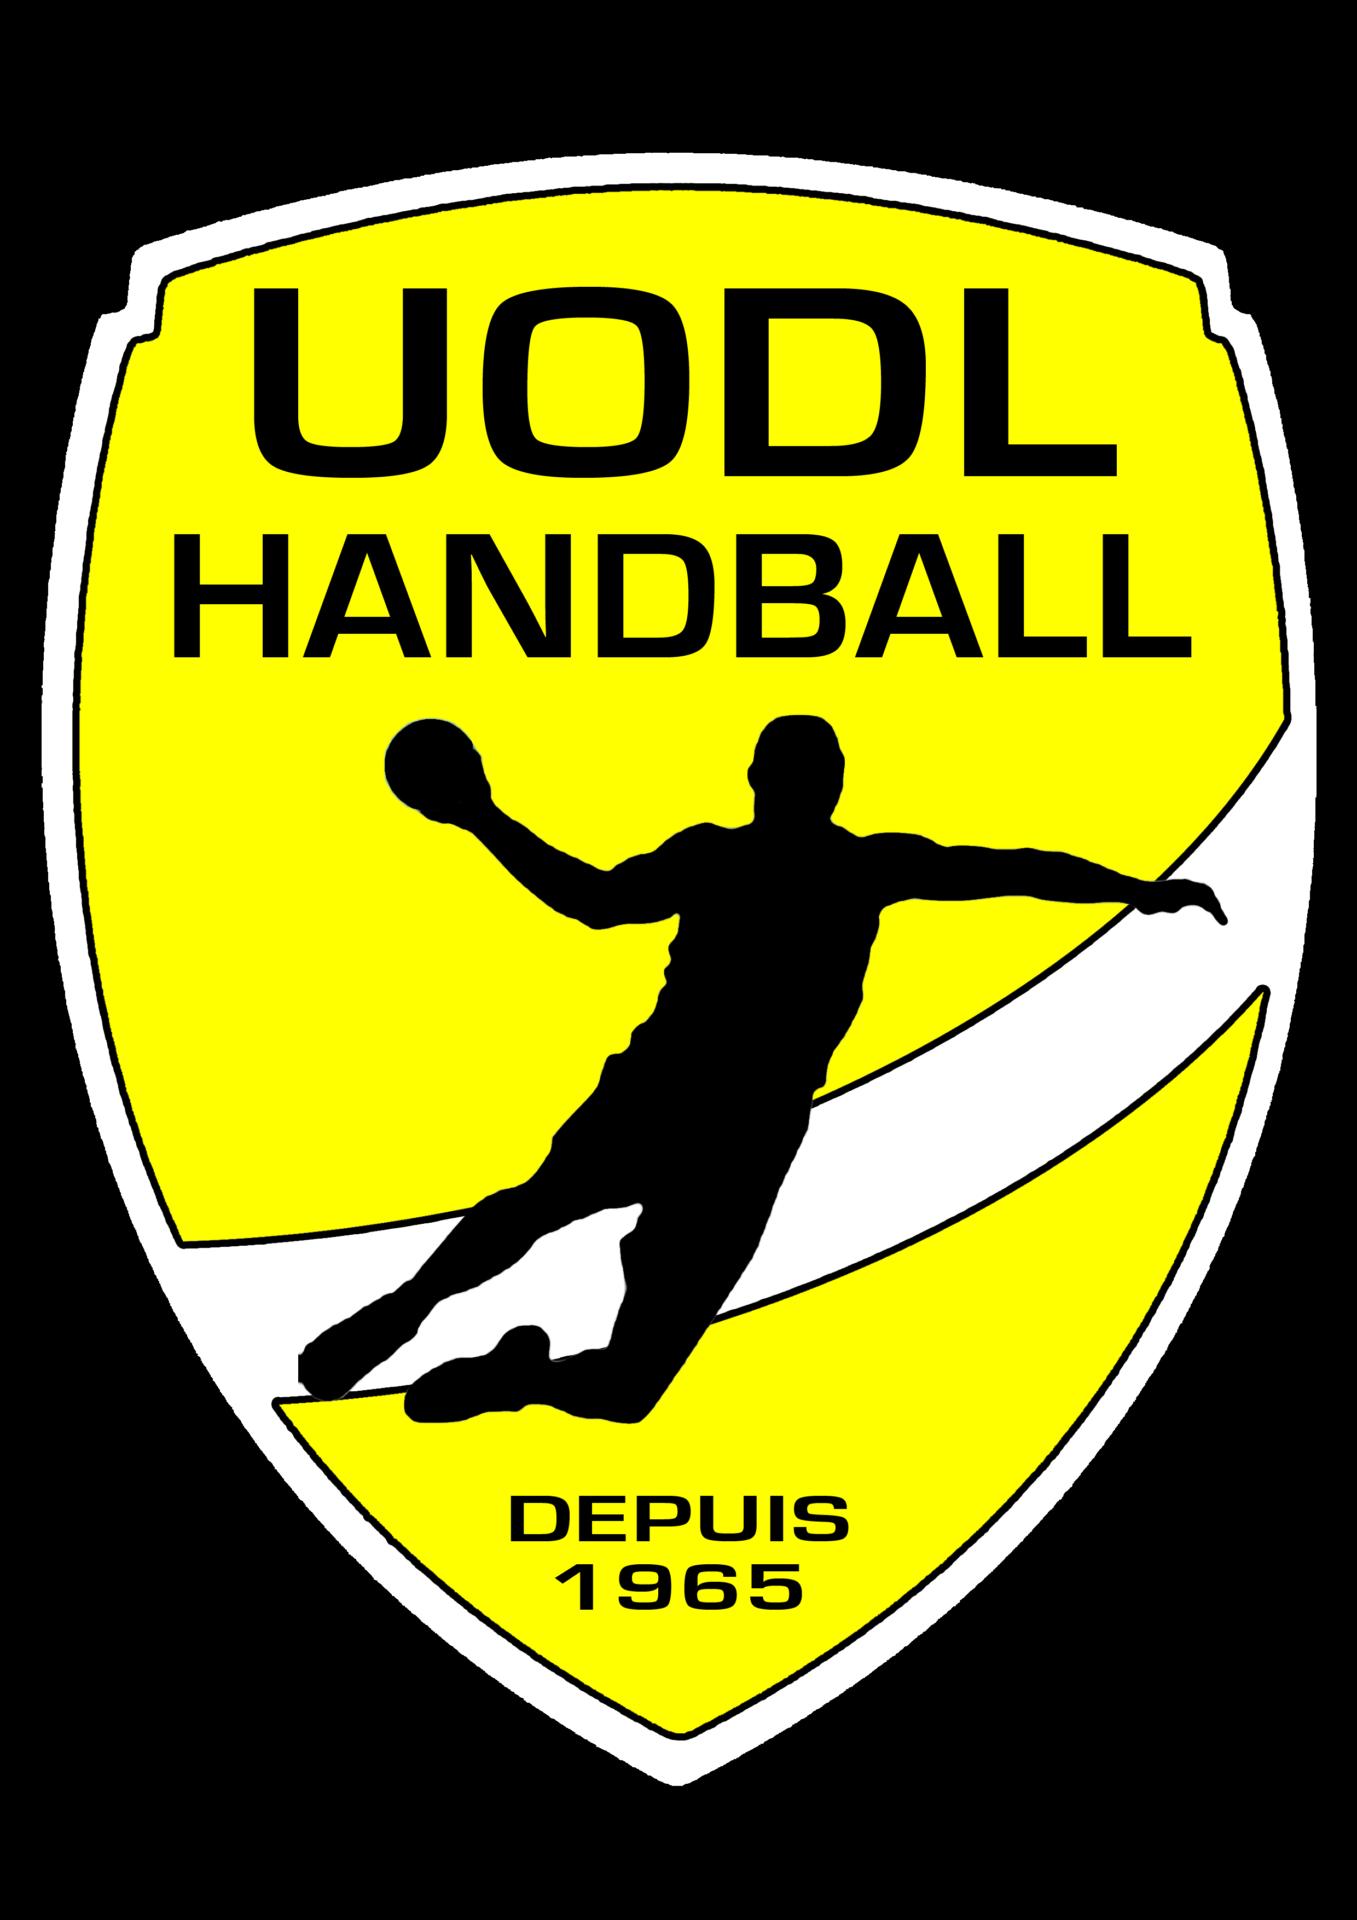 logo-uodl-nouveau-2015-3a